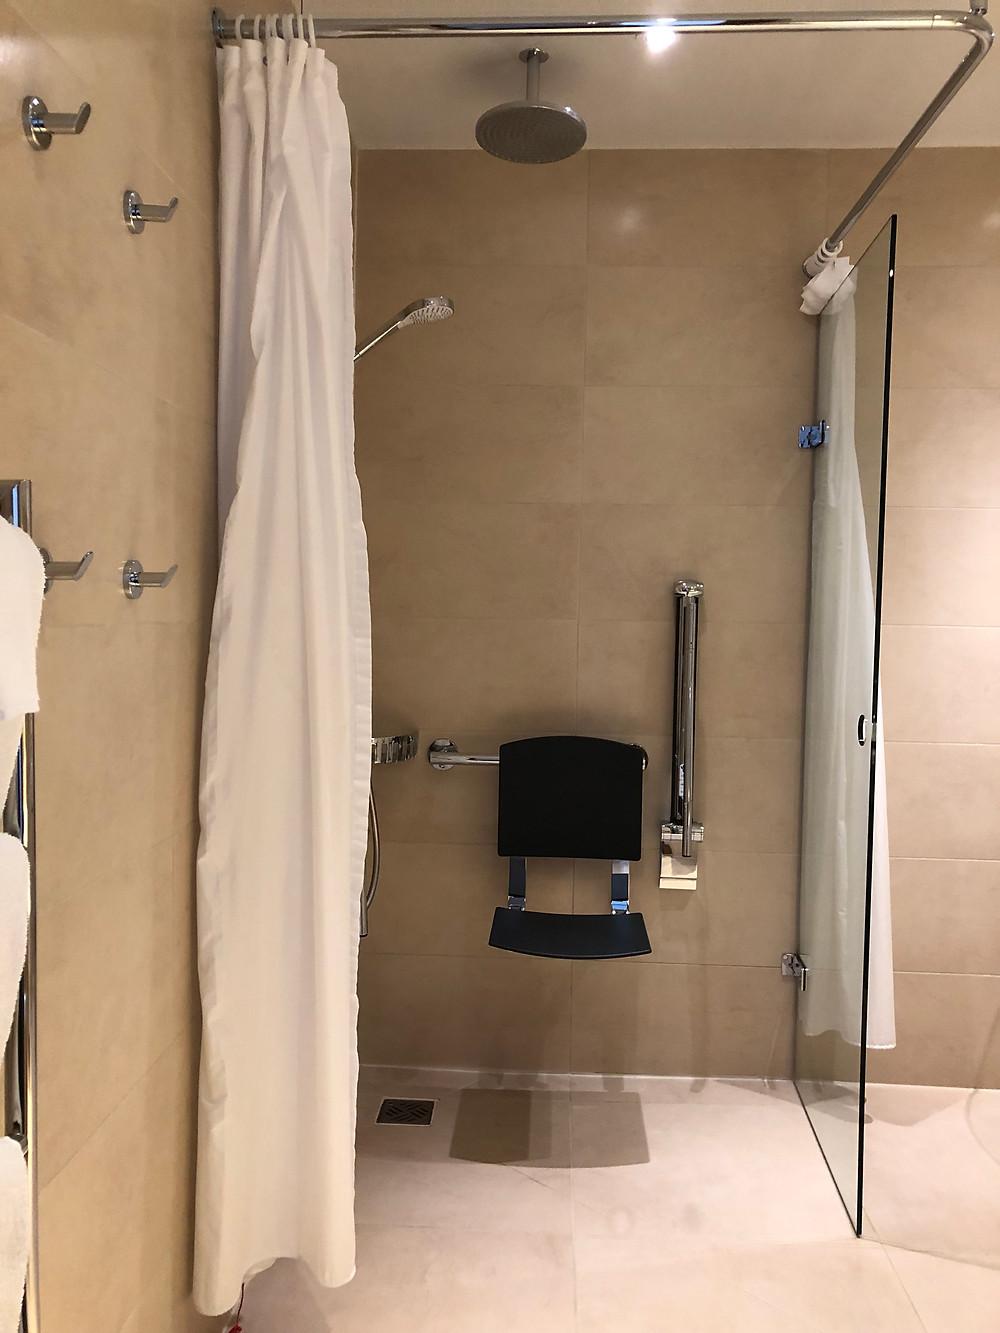 Rudding Park Wet room shower